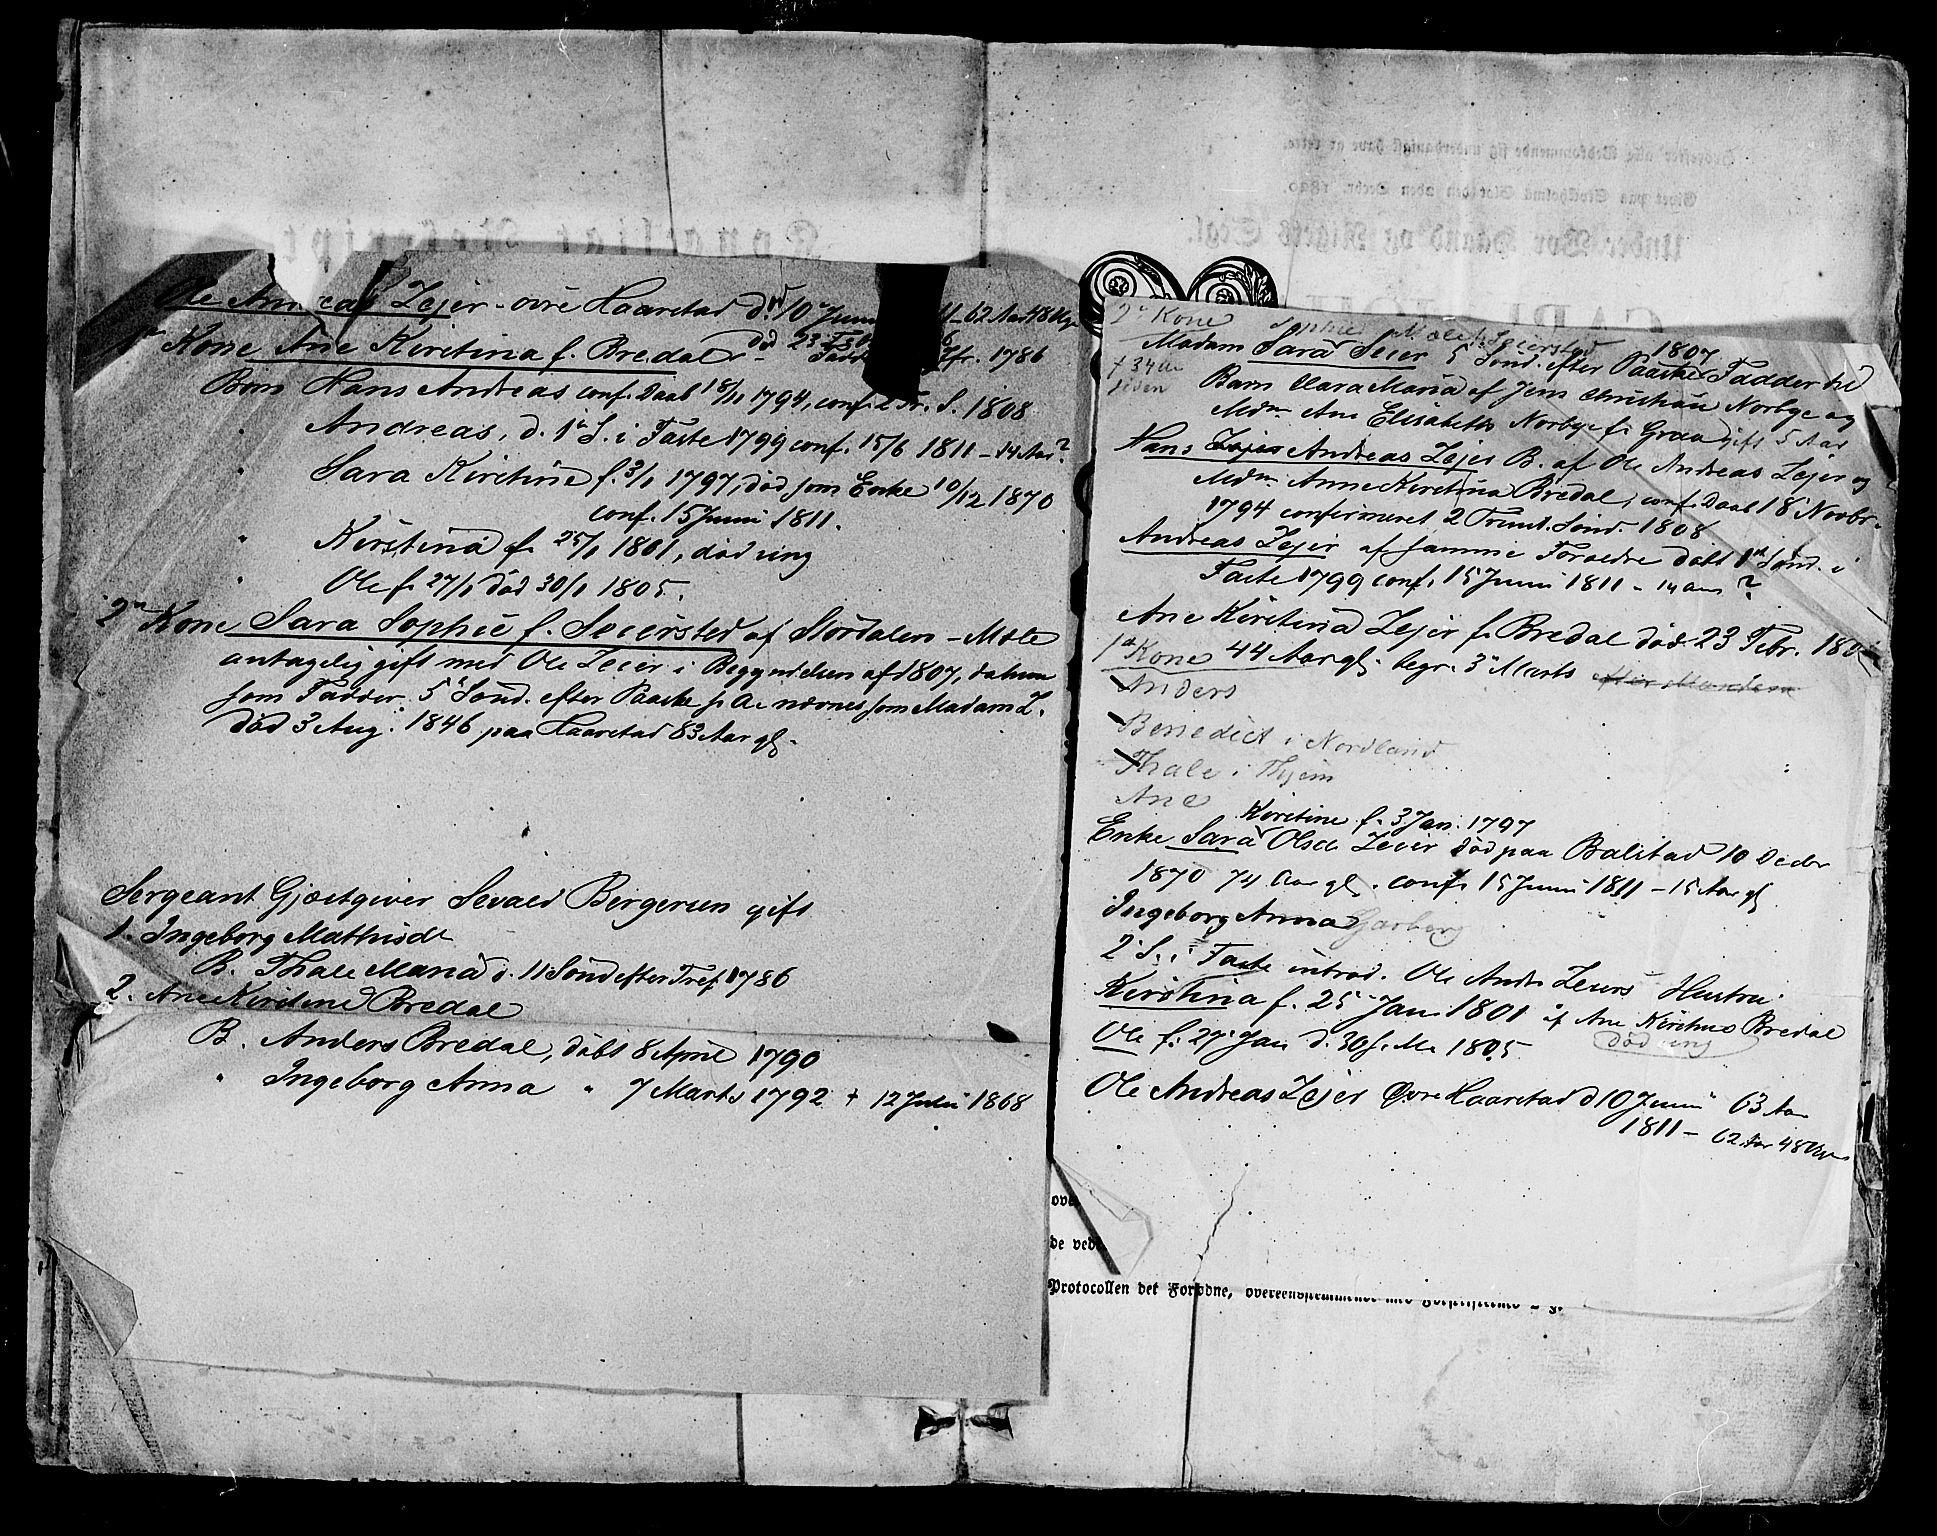 SAT, Ministerialprotokoller, klokkerbøker og fødselsregistre - Sør-Trøndelag, 695/L1143: Ministerialbok nr. 695A05 /1, 1824-1842